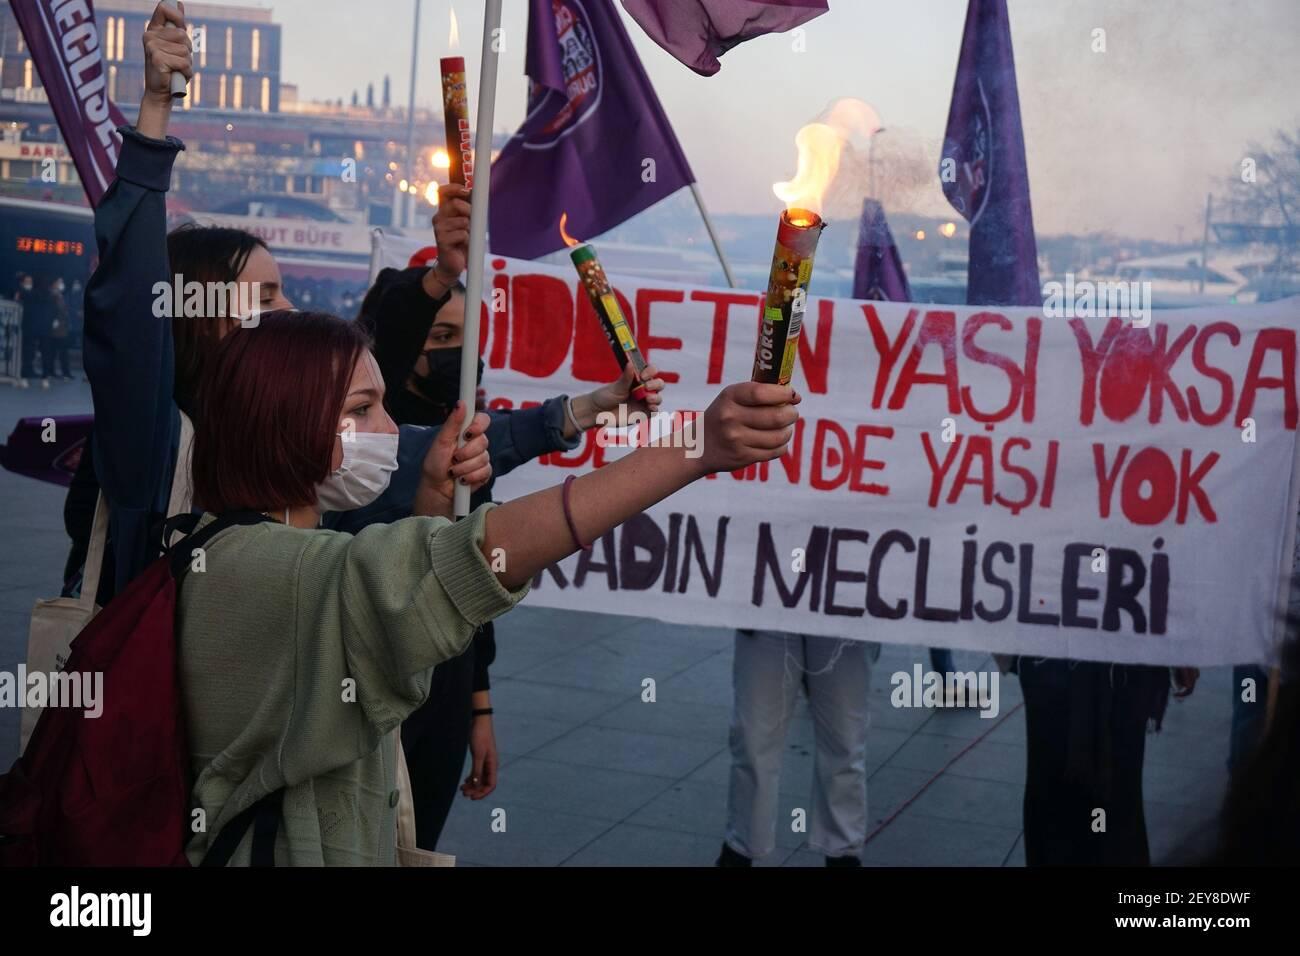 Les femmes tiennent des pétards pendant la manifestation.les communautés féminines protestent contre la violence contre les femmes. Les femmes ont exigé la mise en œuvre de la Convention d'Istanbul. Le groupe a également noté les droits lgbti+ qui ne sont pas pratiqués en Turquie. Banque D'Images